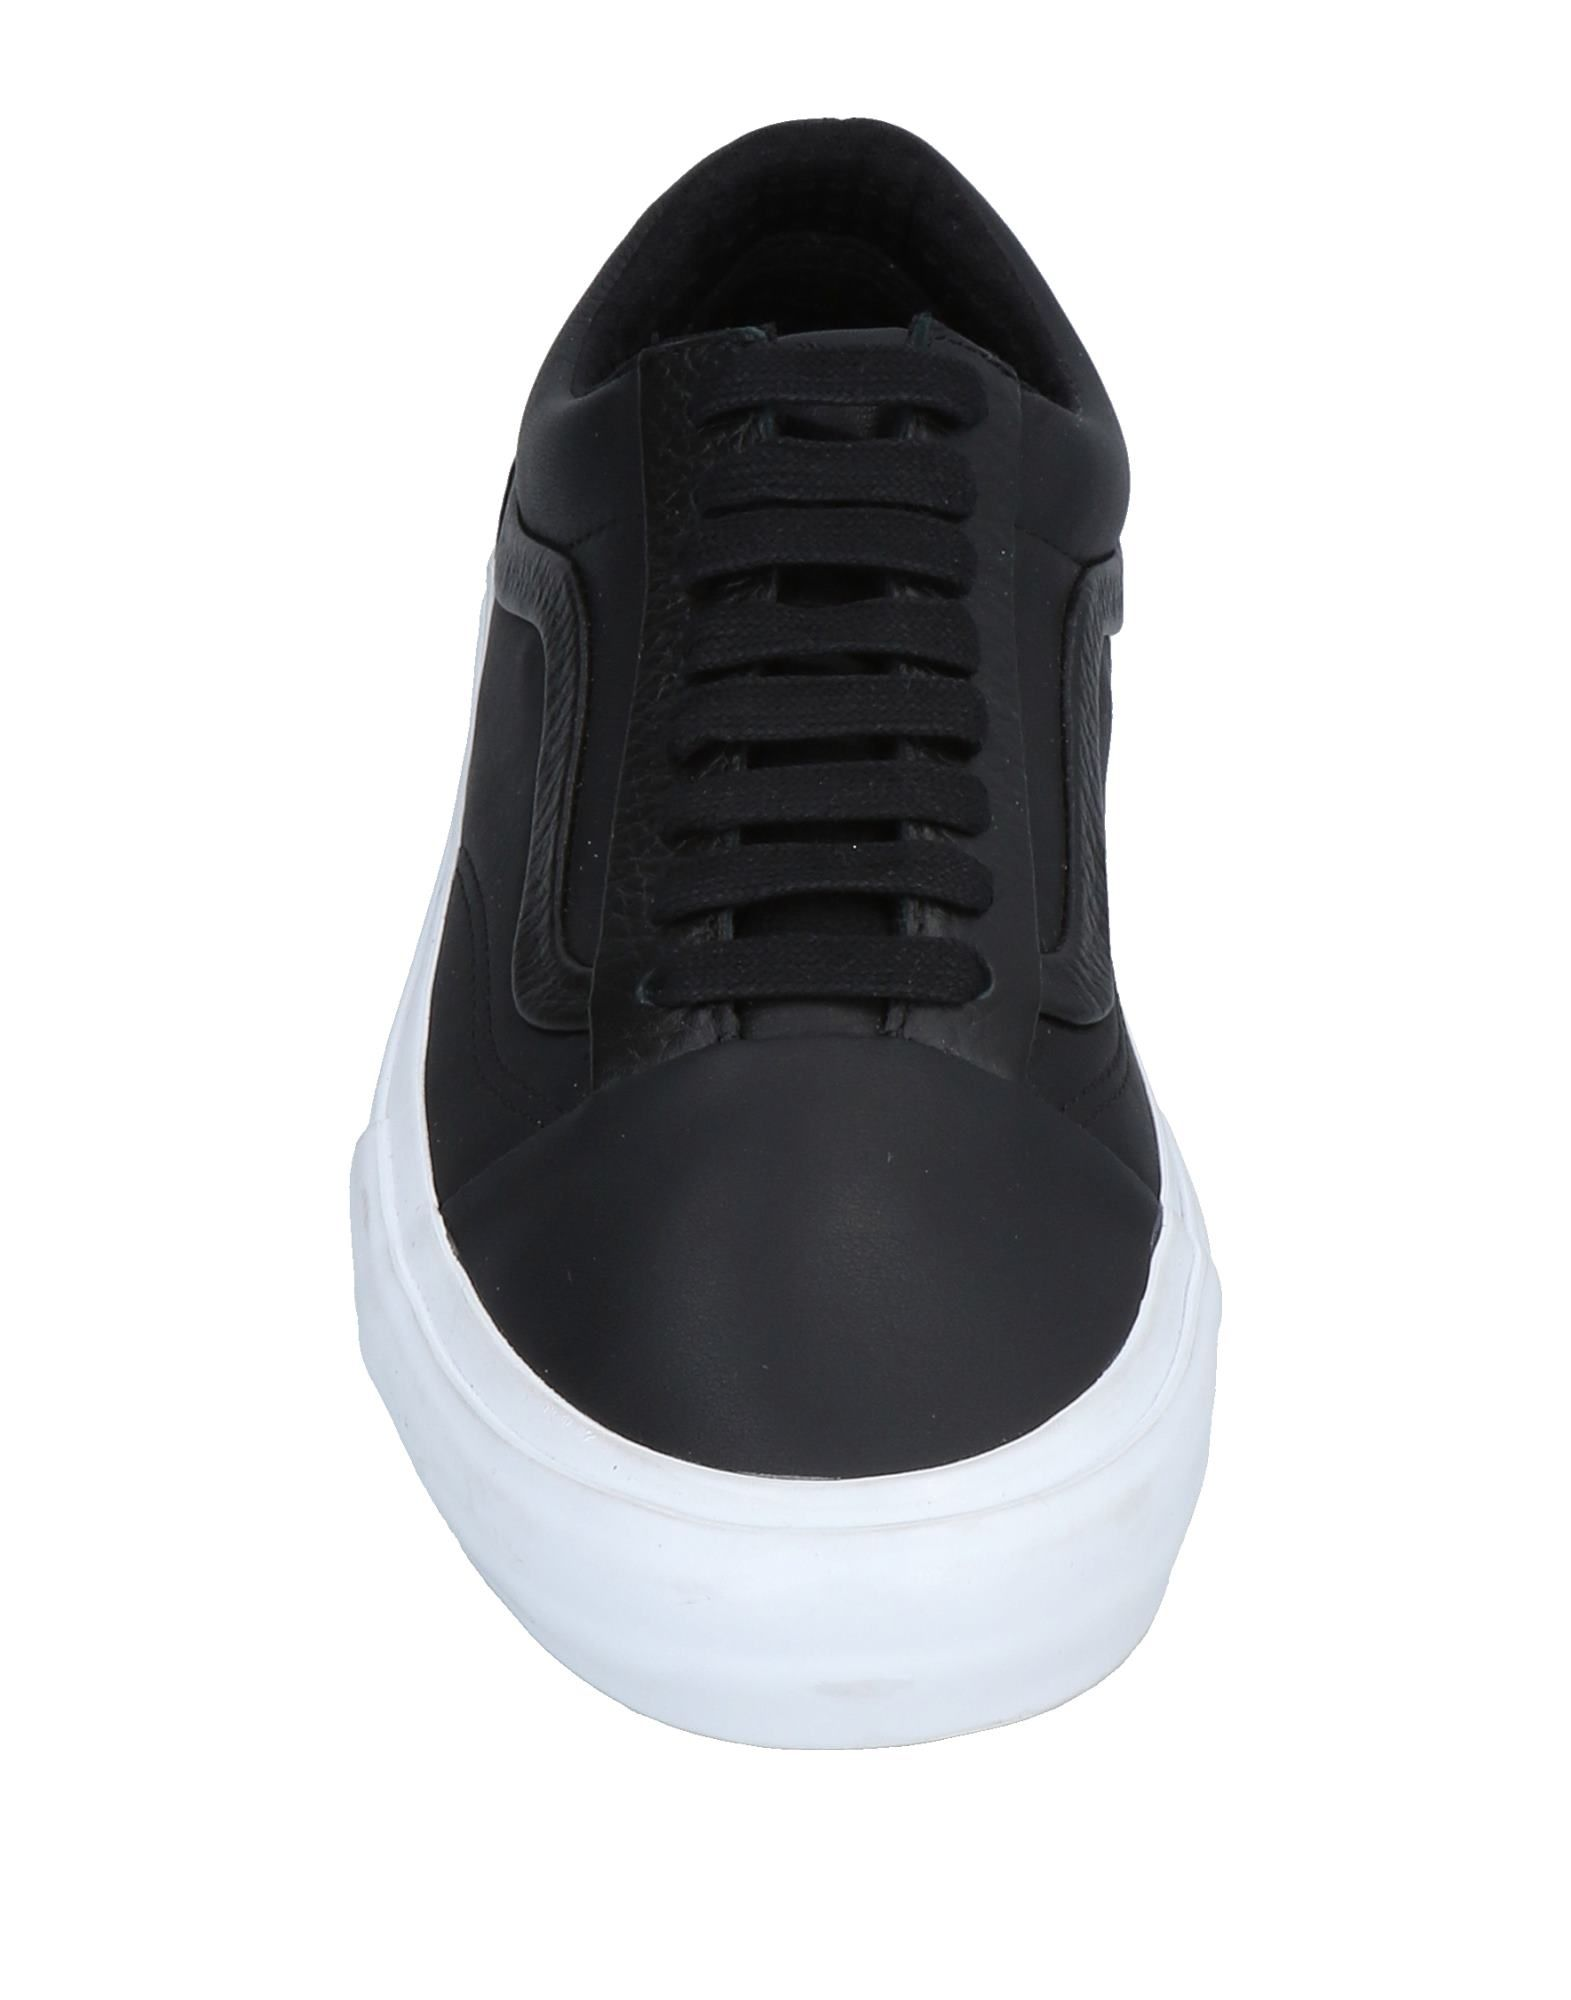 Rabatt Herren echte Schuhe Vans Sneakers Herren Rabatt  11493418MX 457d8b